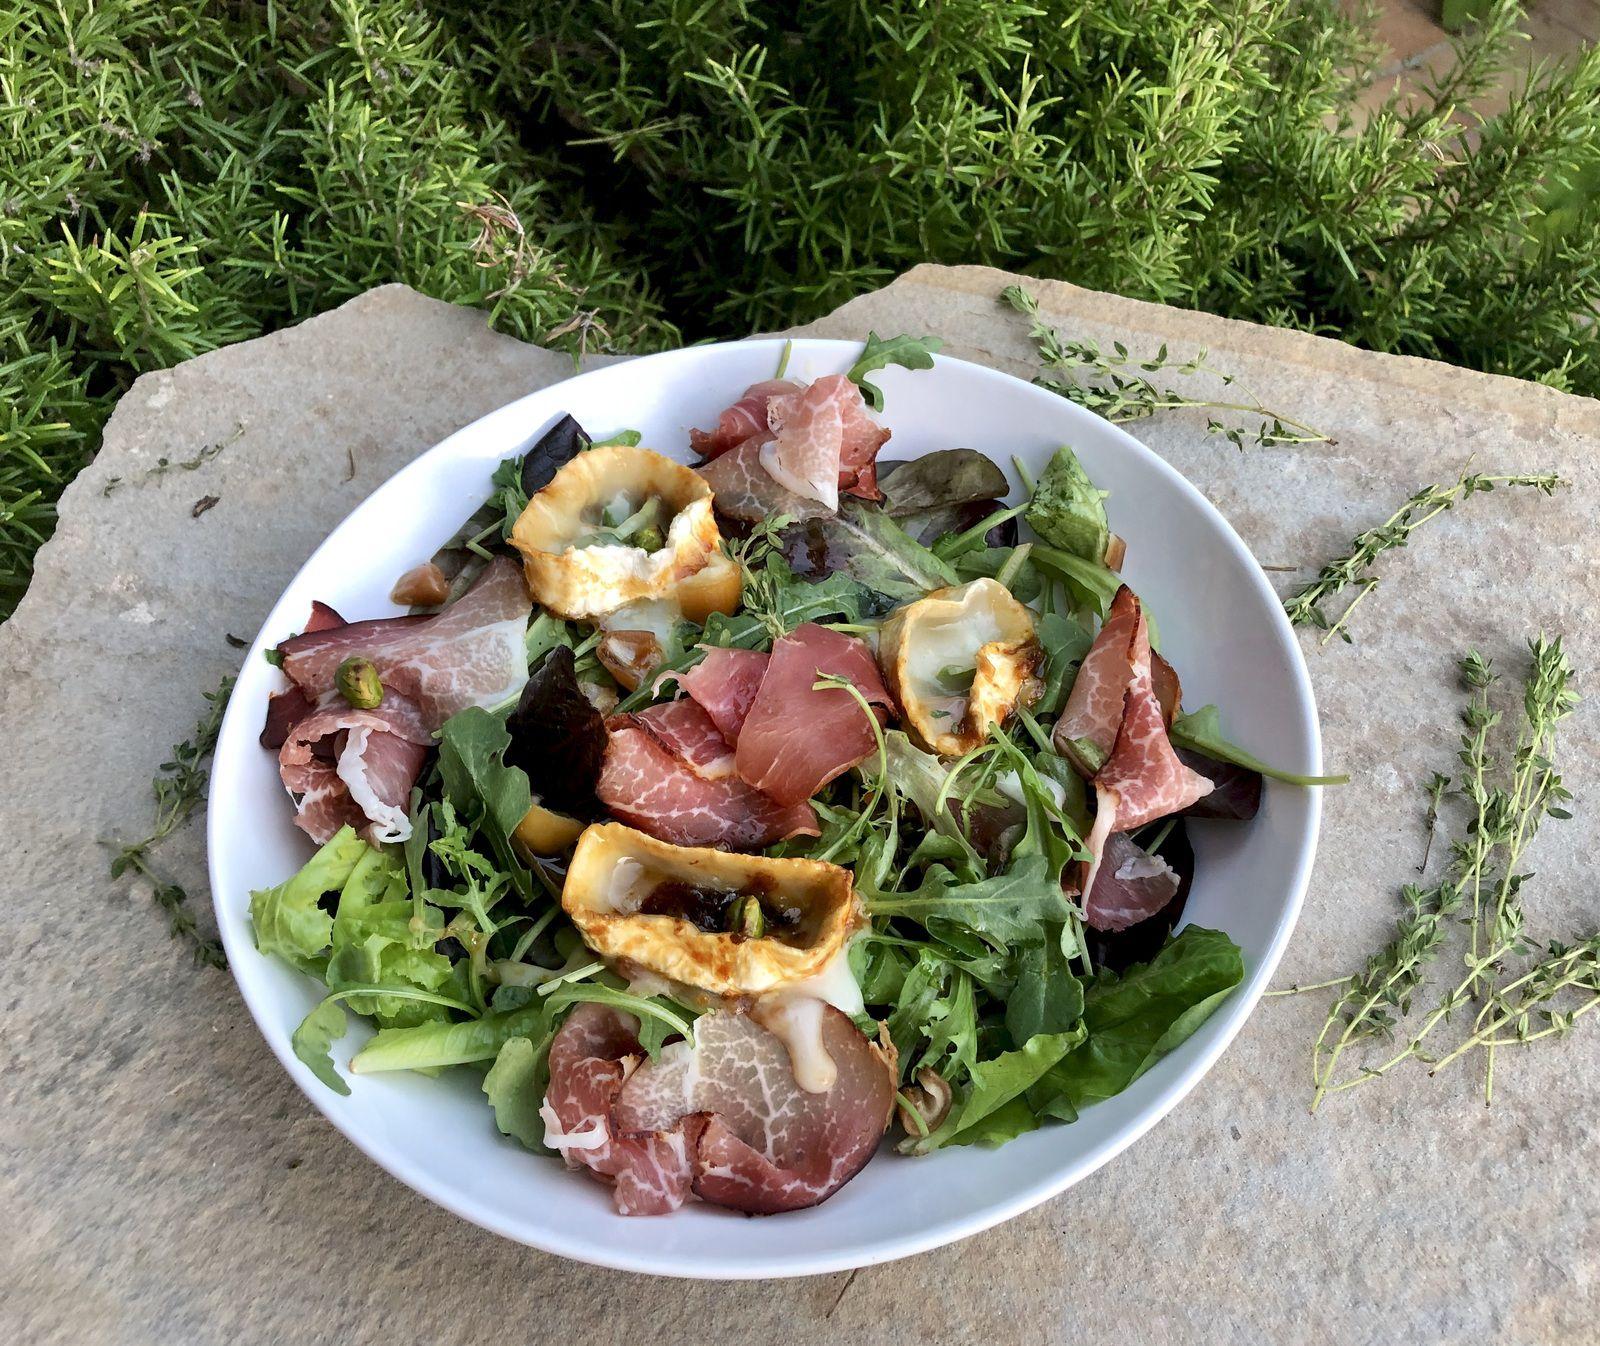 Salade, chèvre, datte et miel